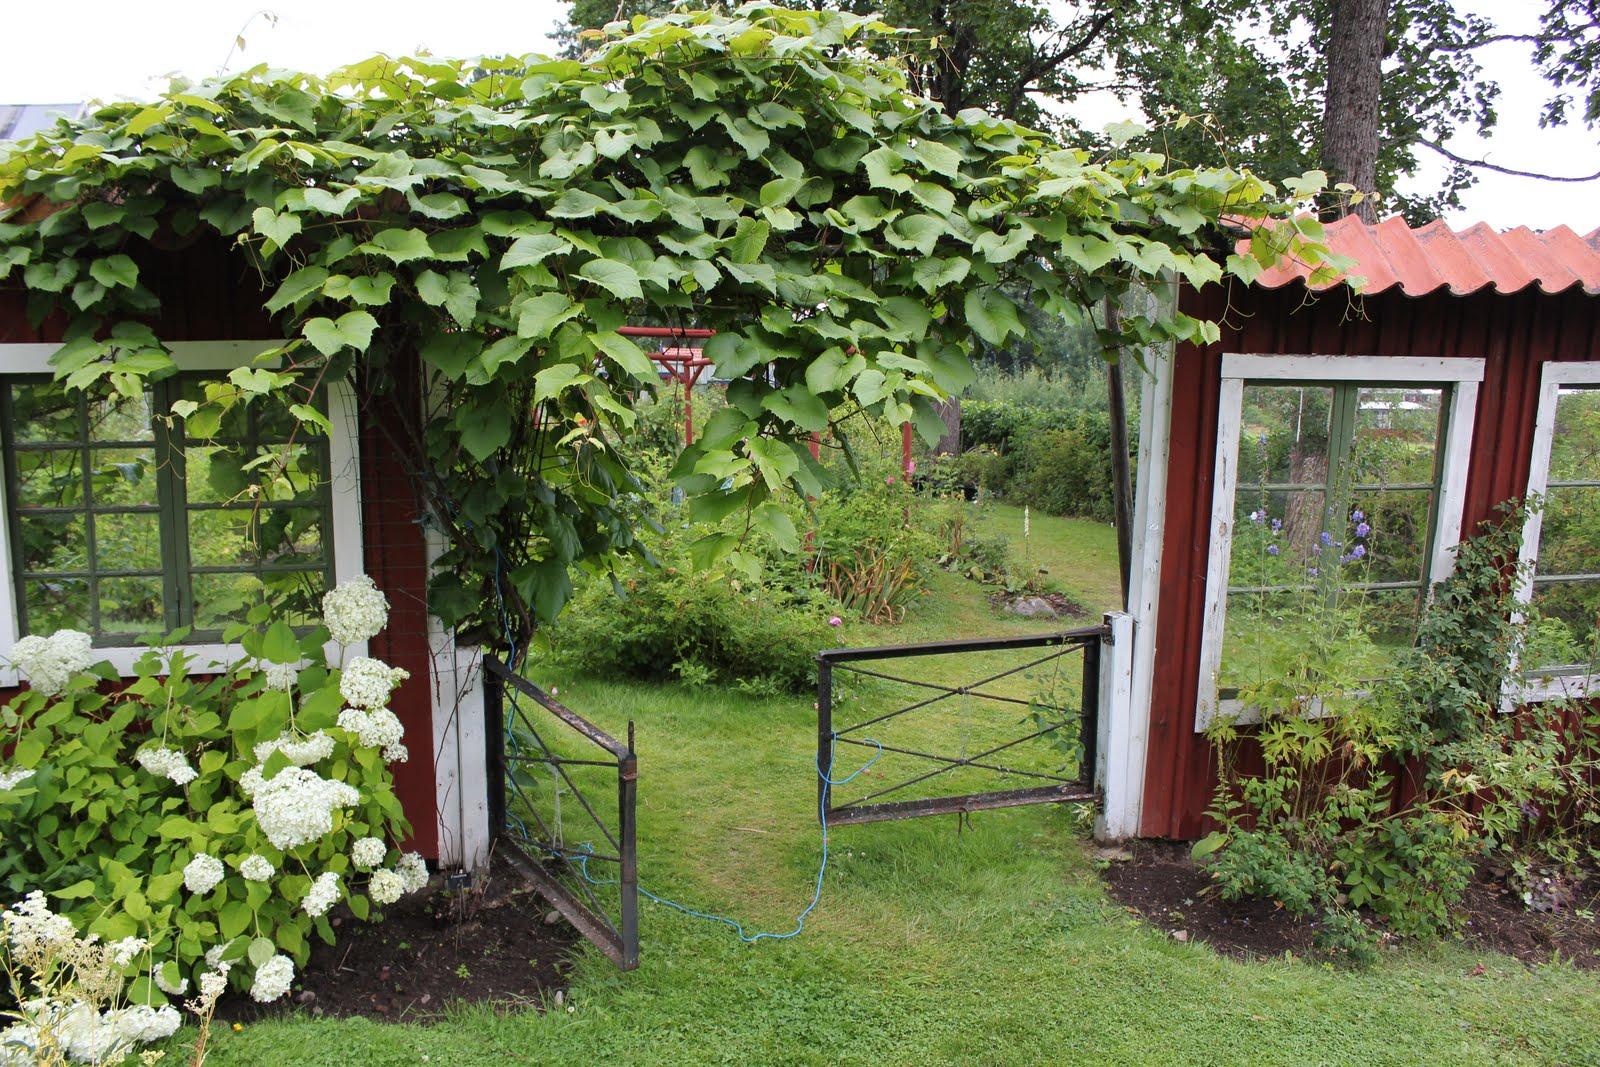 Trädgård plank trädgård : Huset pÃ¥ landet: juli 2011